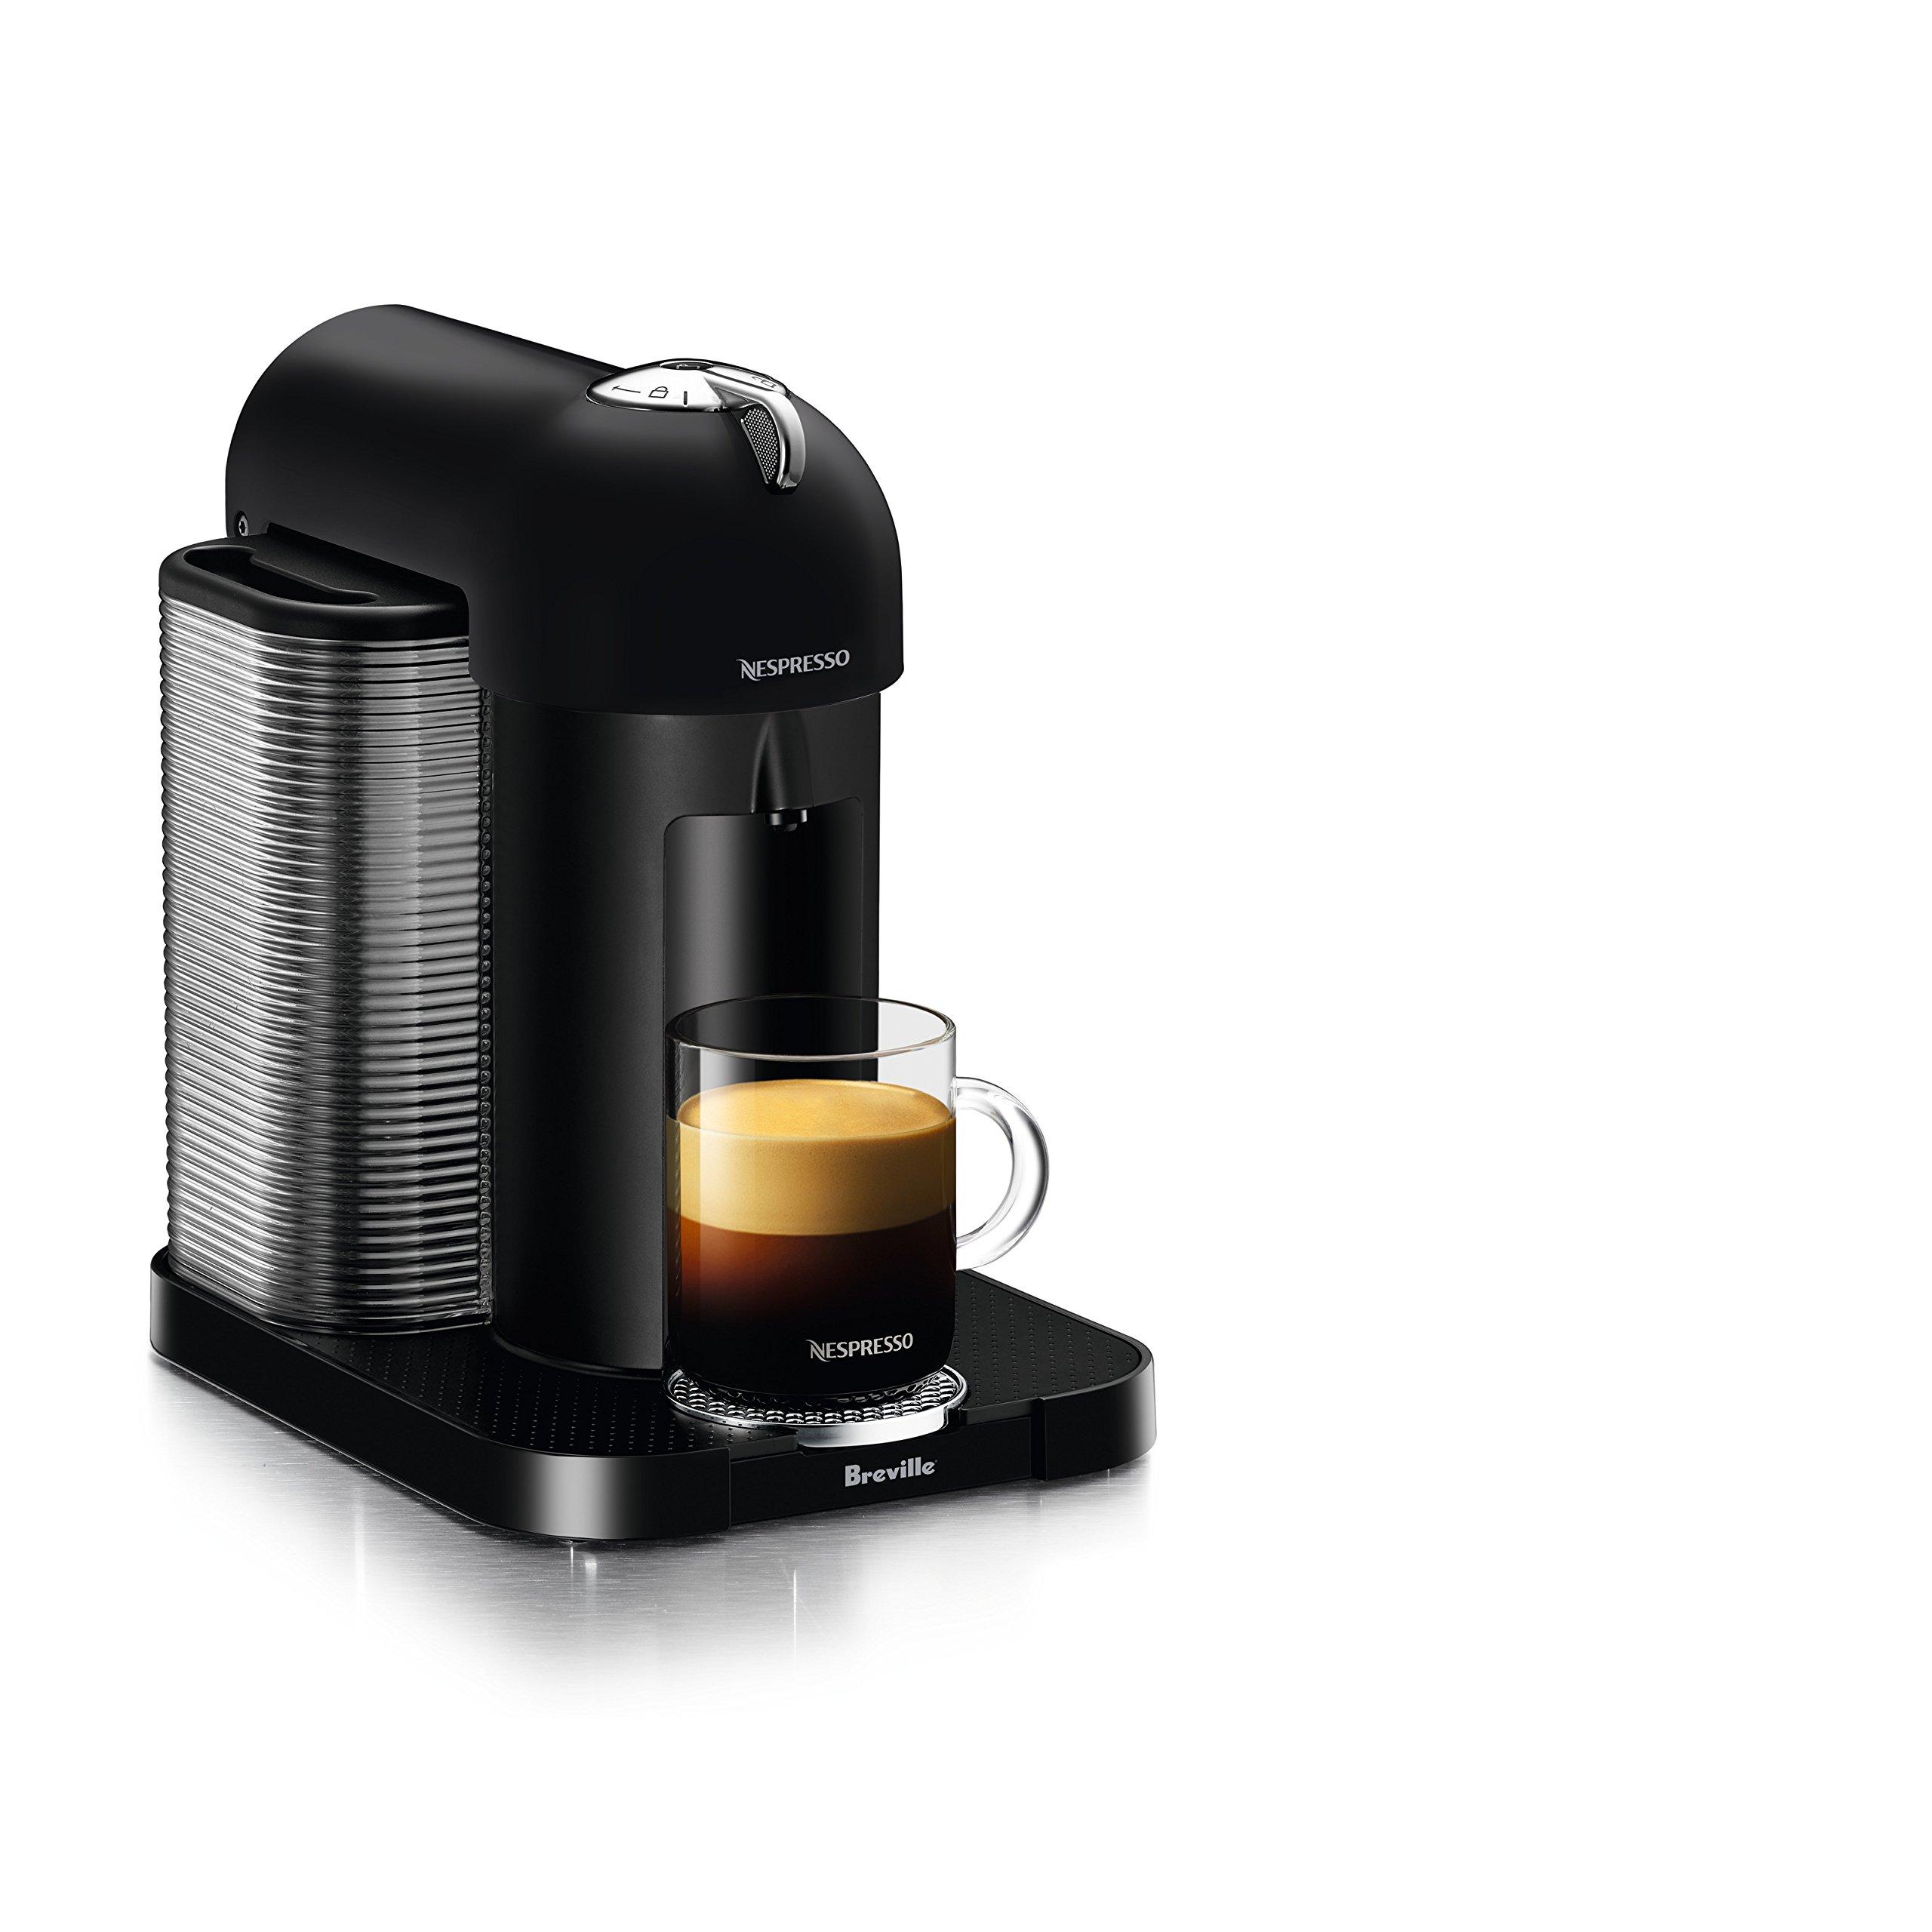 Nespresso Vertuo Coffee and Espresso Machine by Breville, Matte Black by Breville